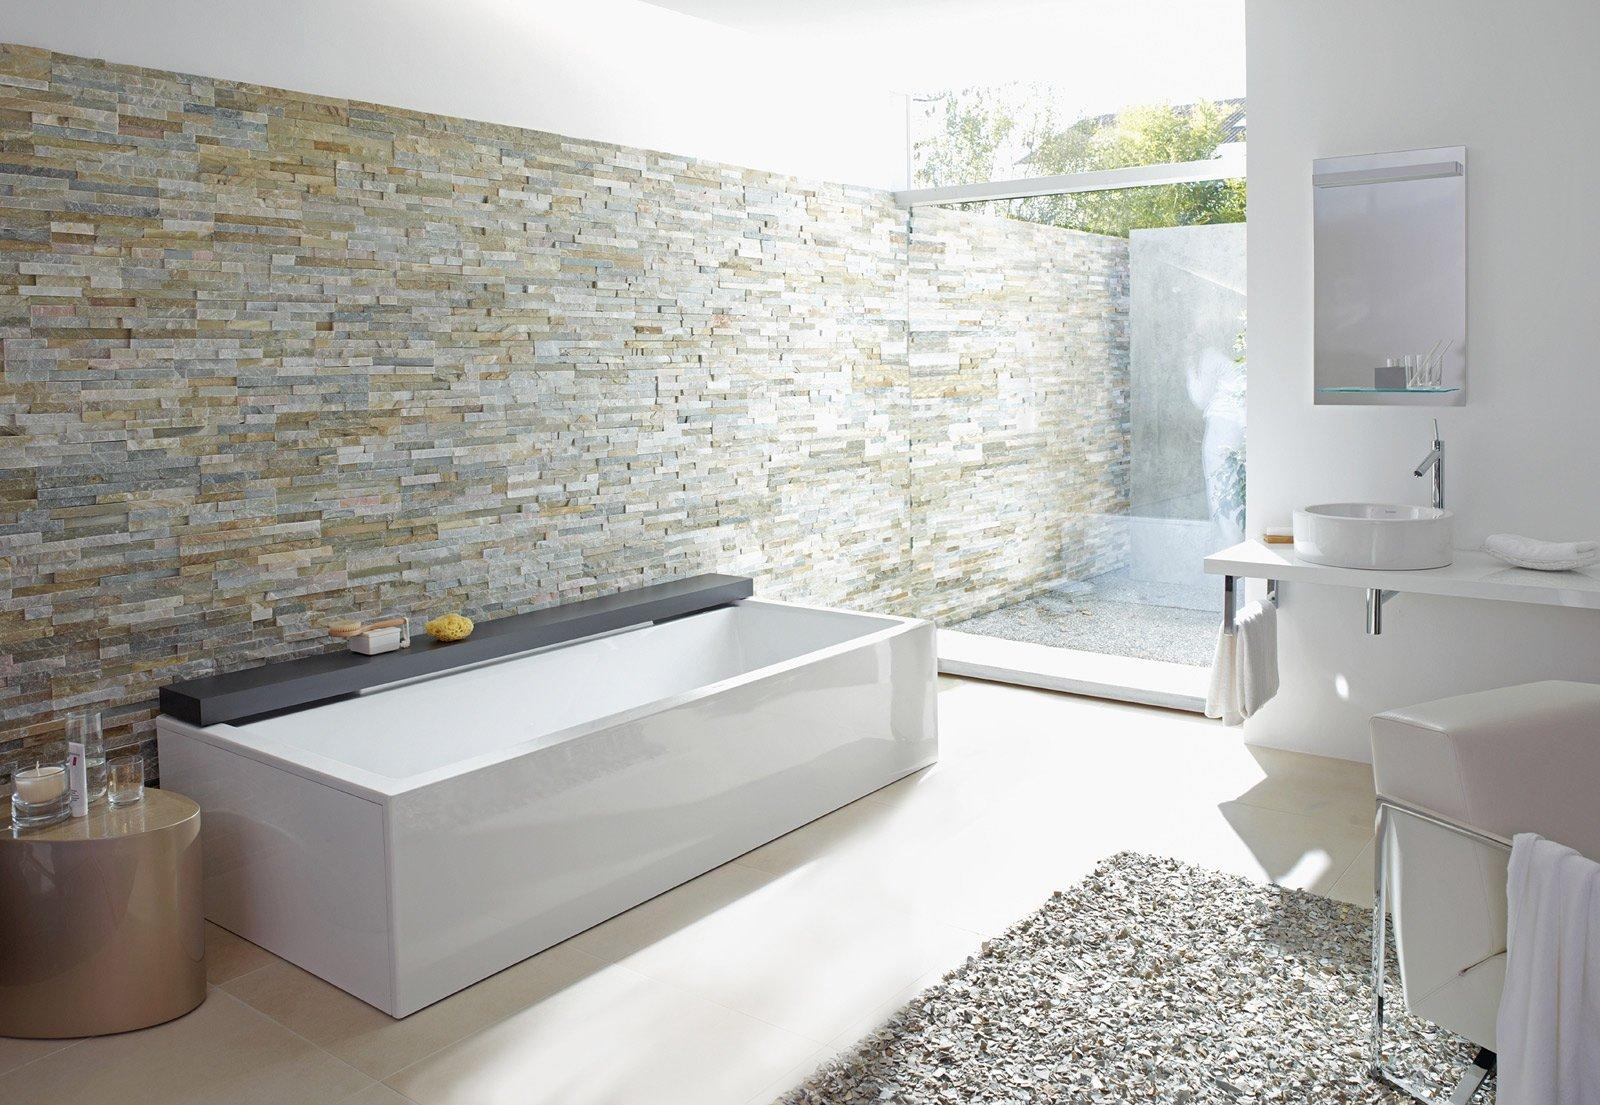 bagno come attrezzarlo per il tuo benessere cose di casa. Black Bedroom Furniture Sets. Home Design Ideas